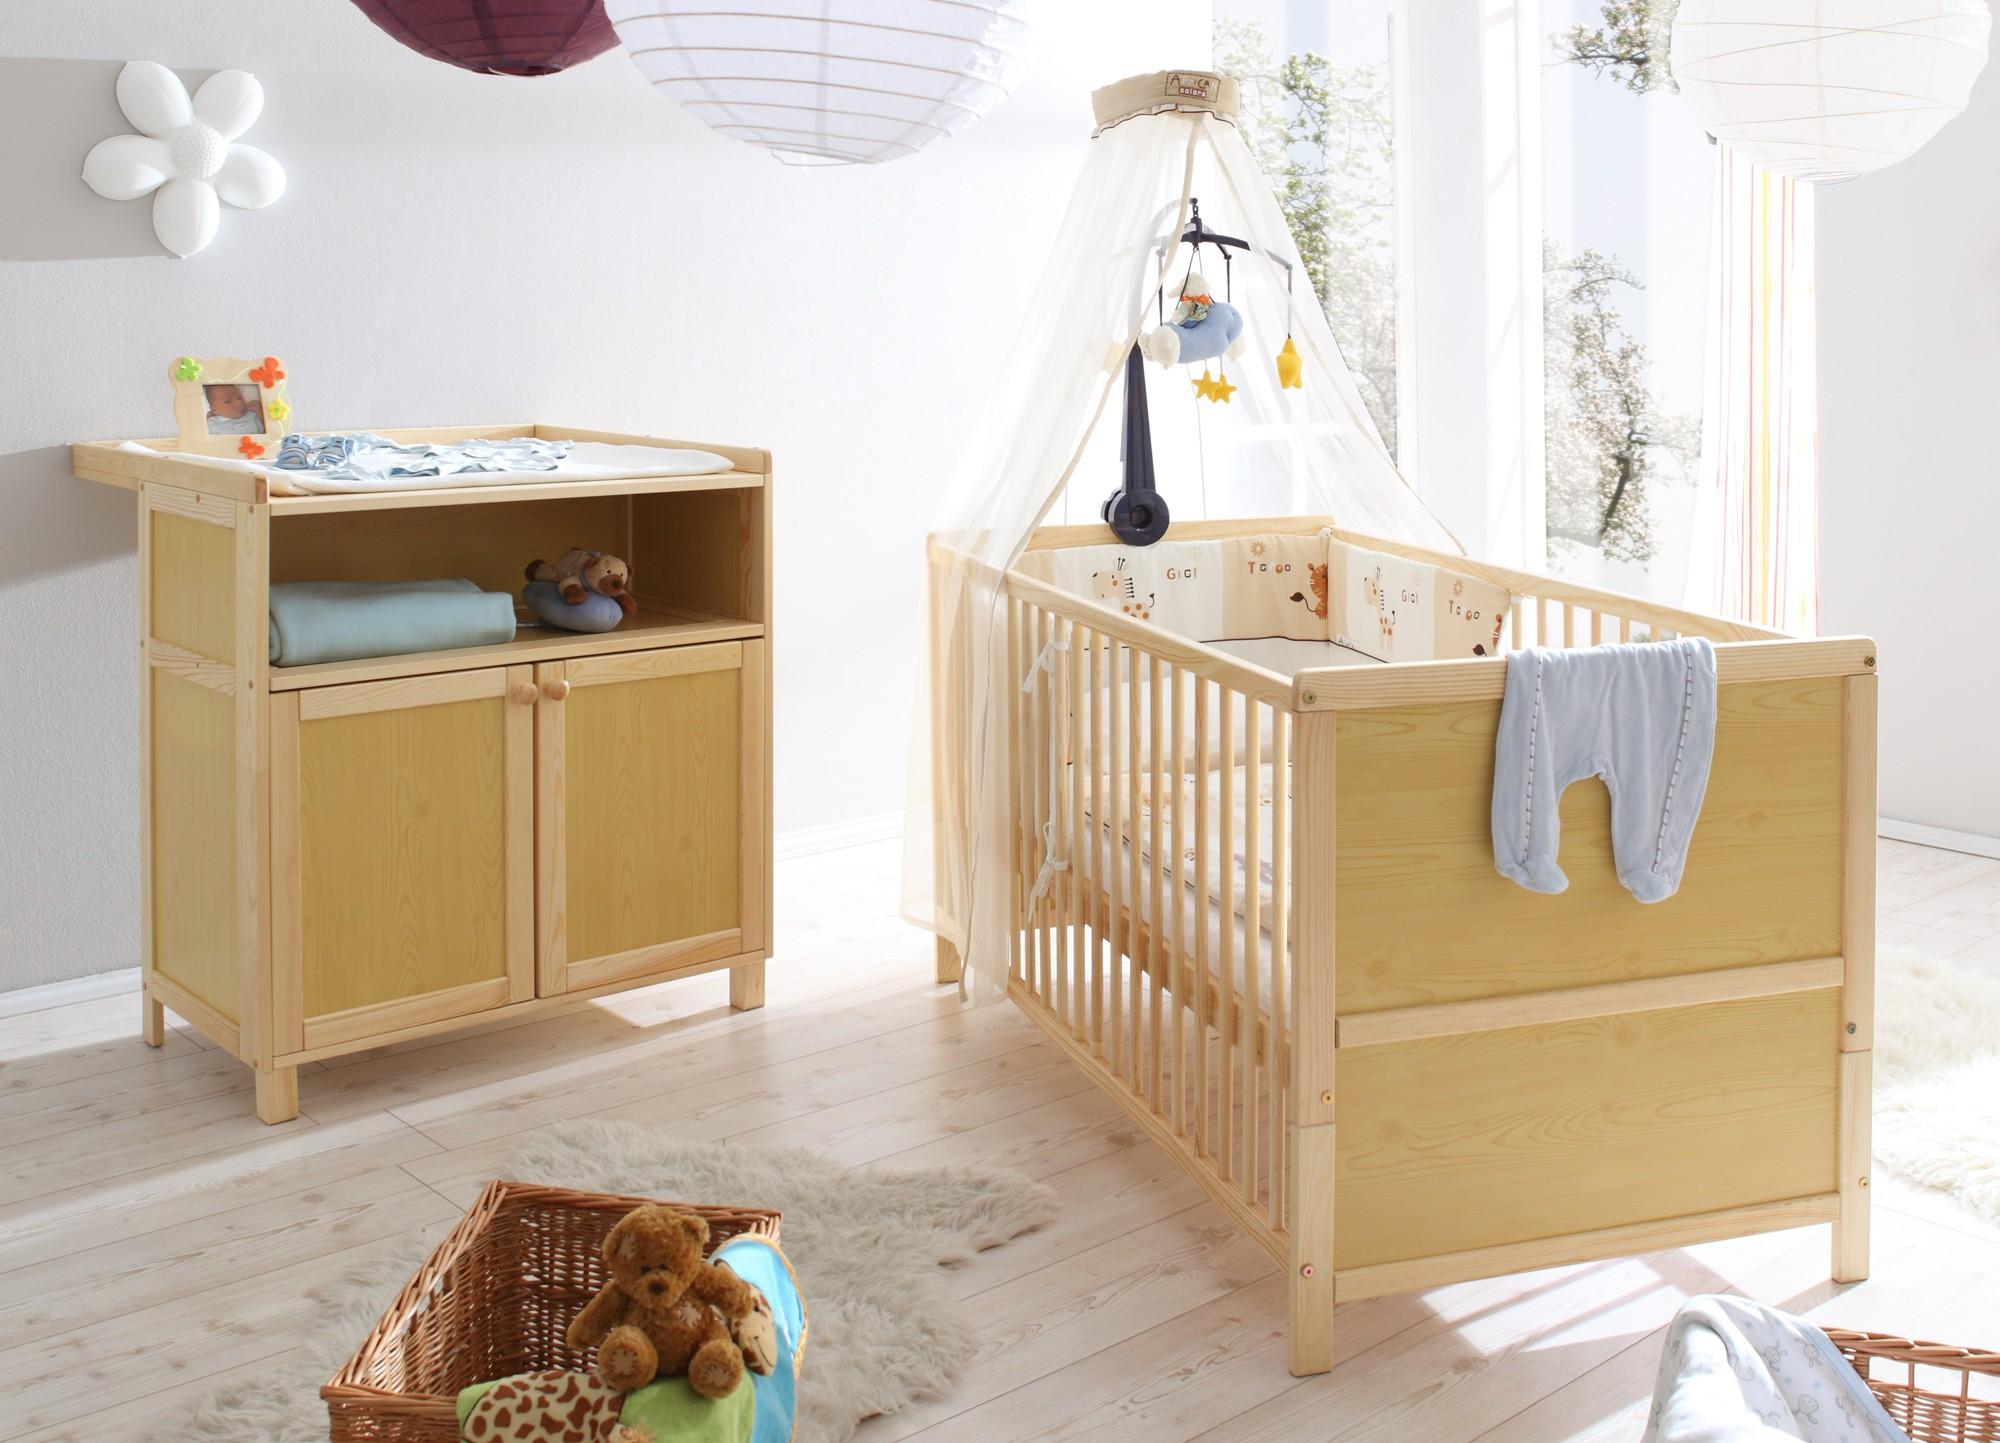 Babyzimmer 2 Teilig Mod 836229 Kiefer Natur H C Mobel